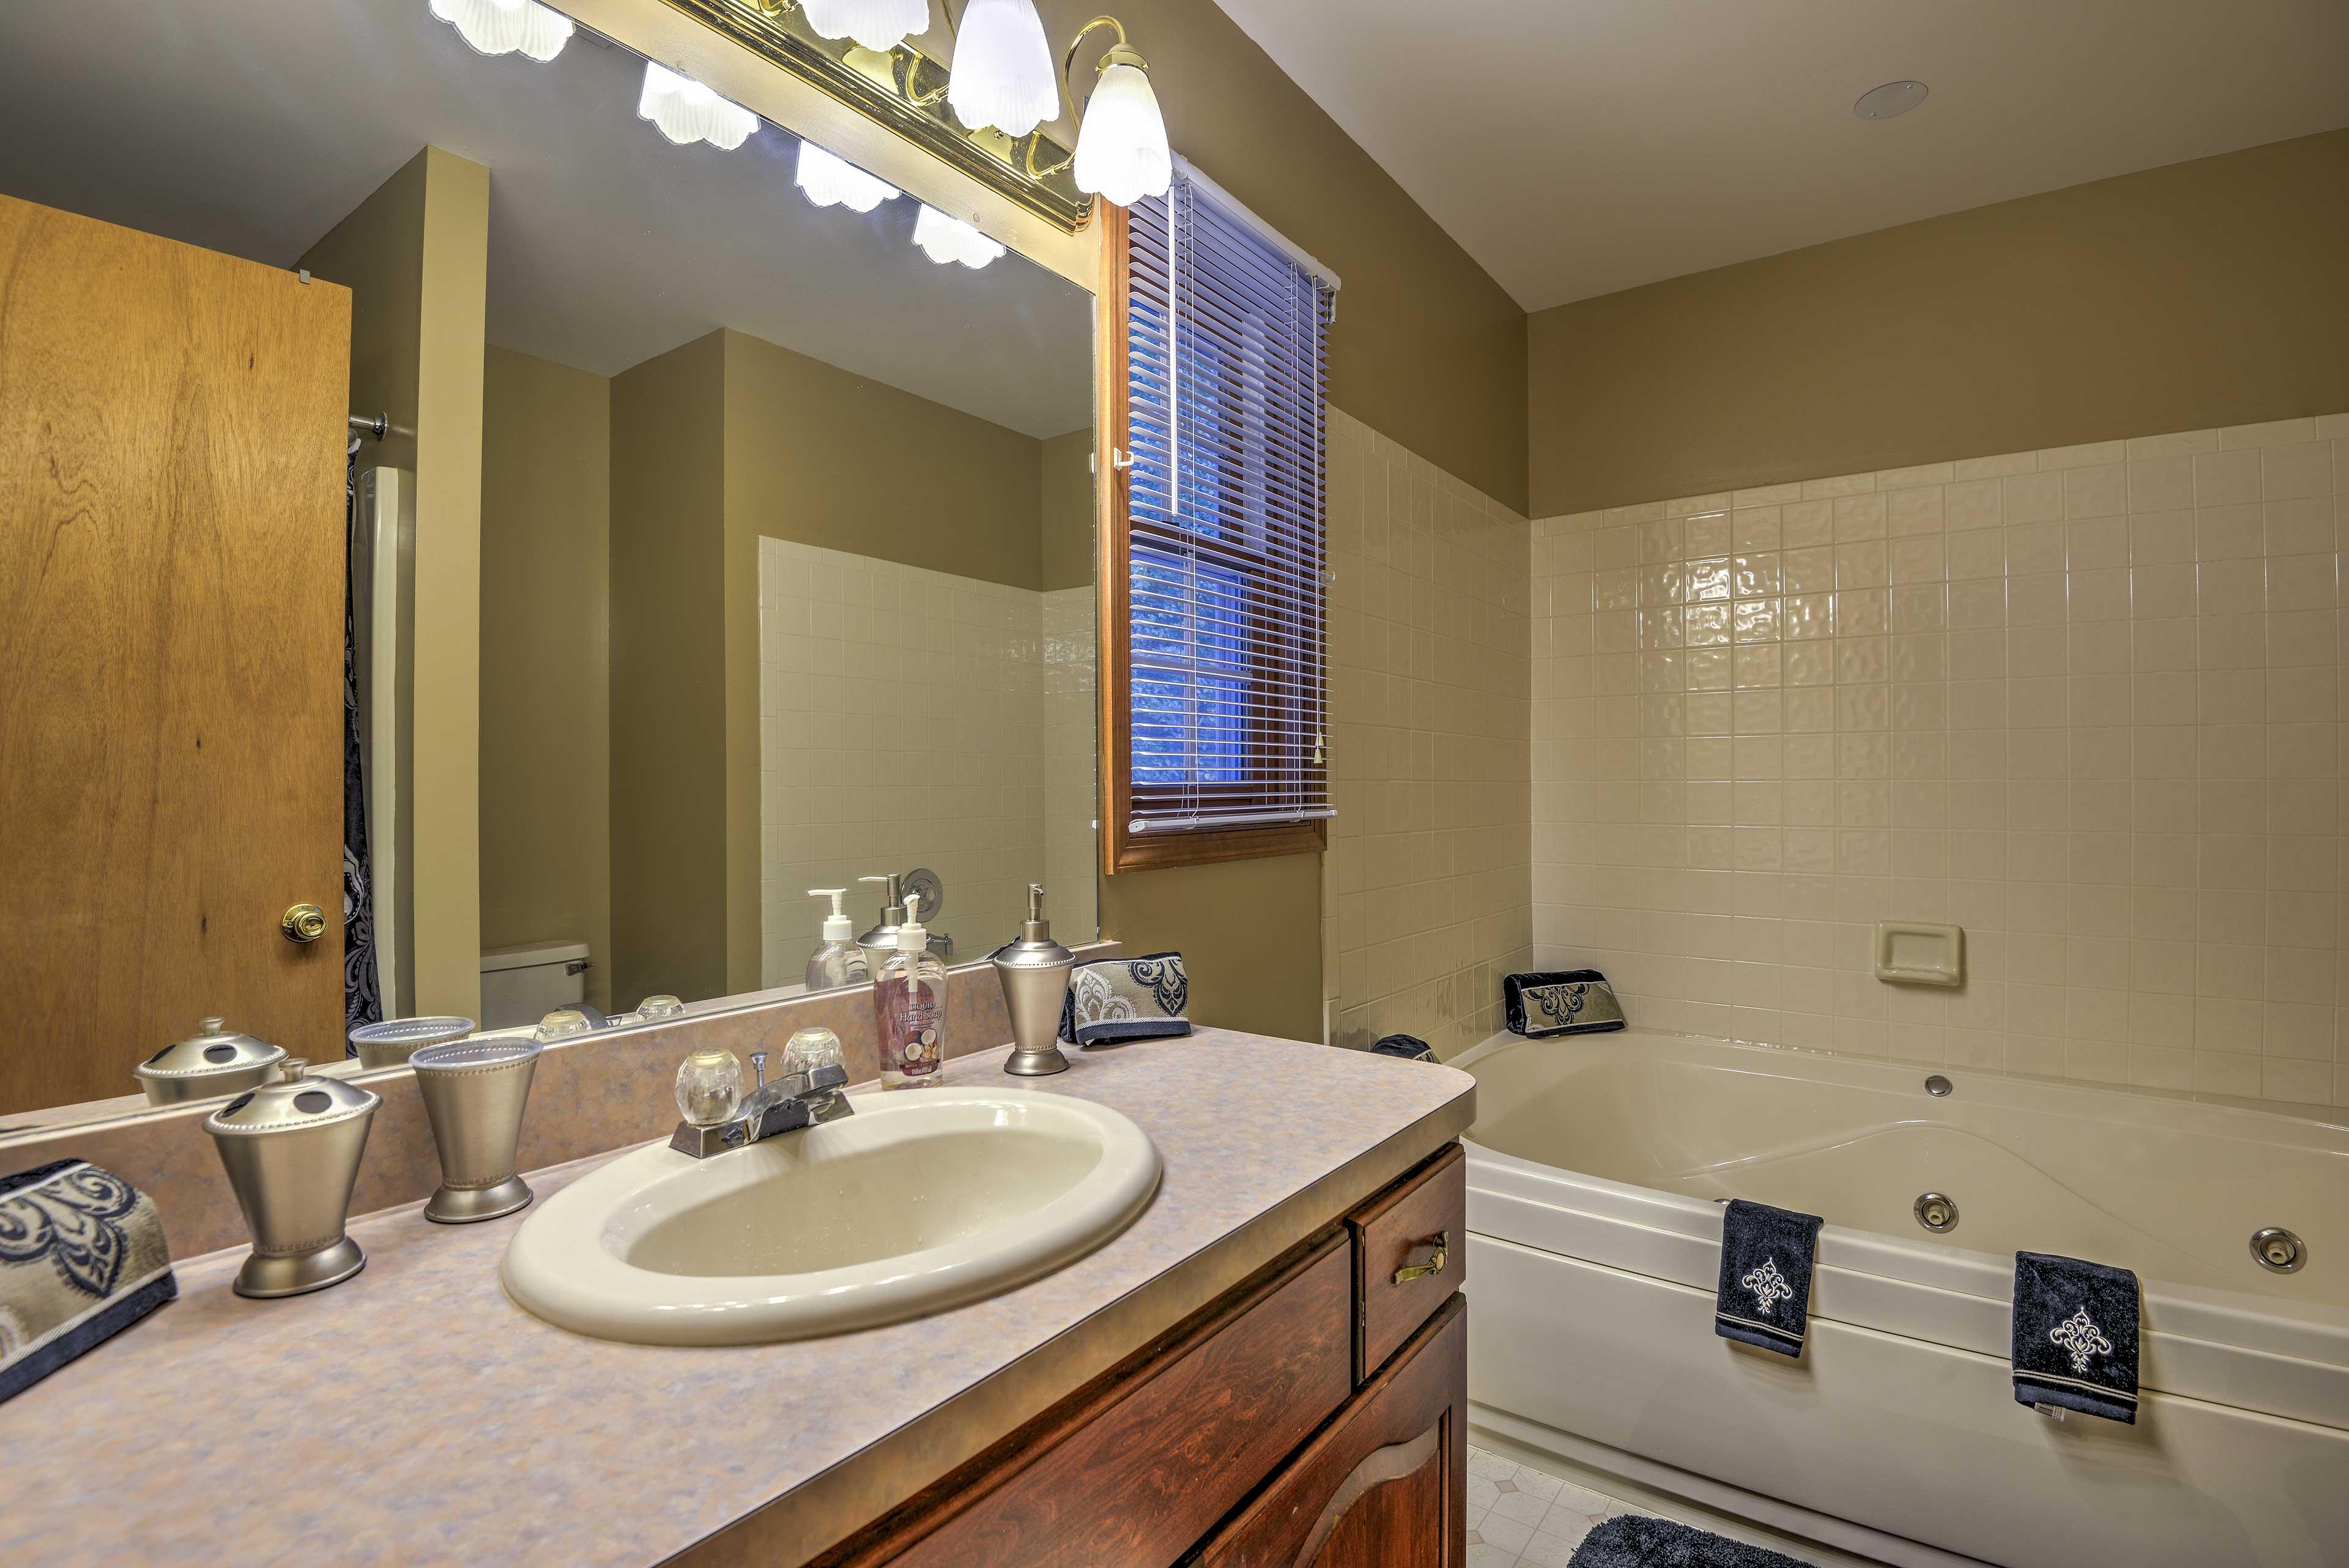 En-suite Bathroom   Jetted Tub